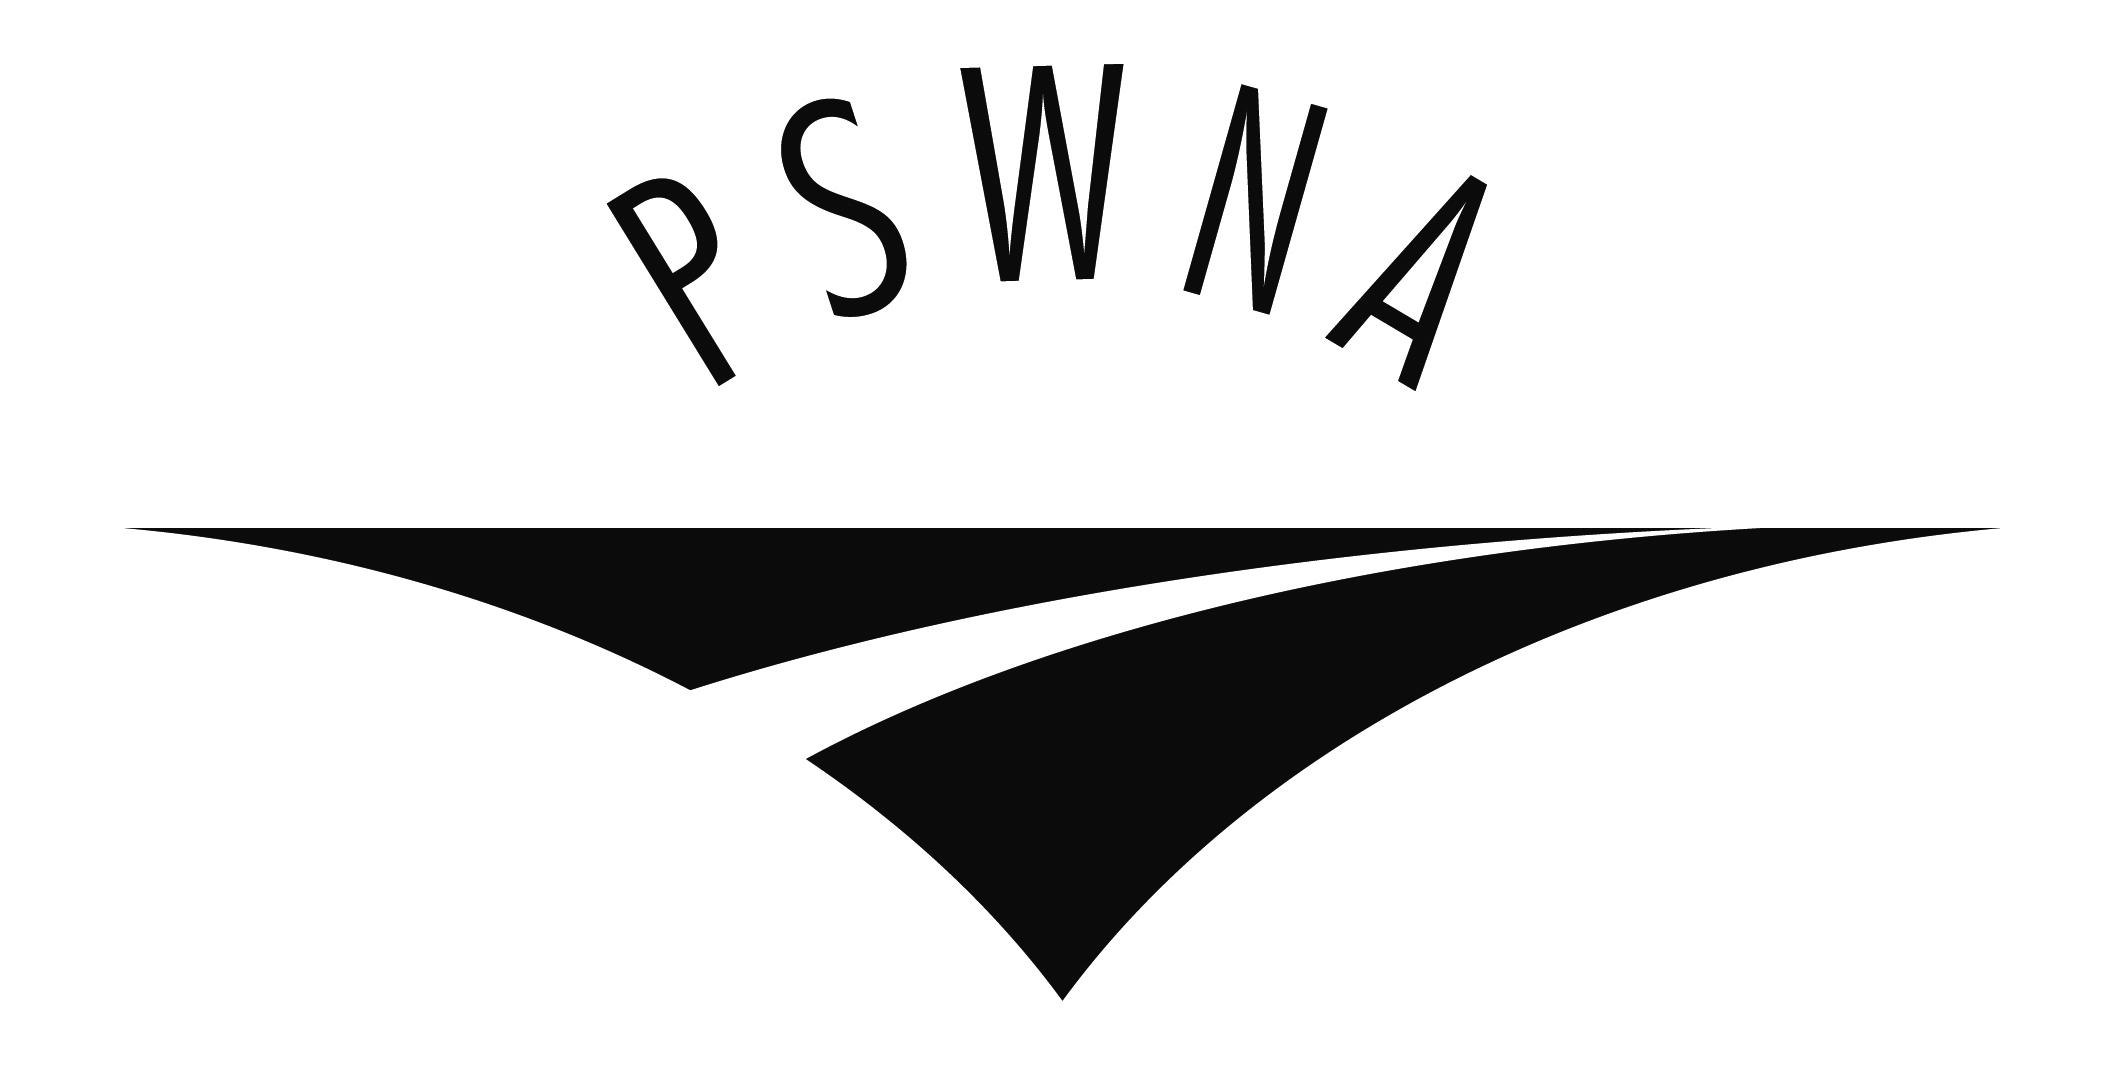 Polskie Stowarzyszenie Wykonawców Nawierzchni Asfaltowych